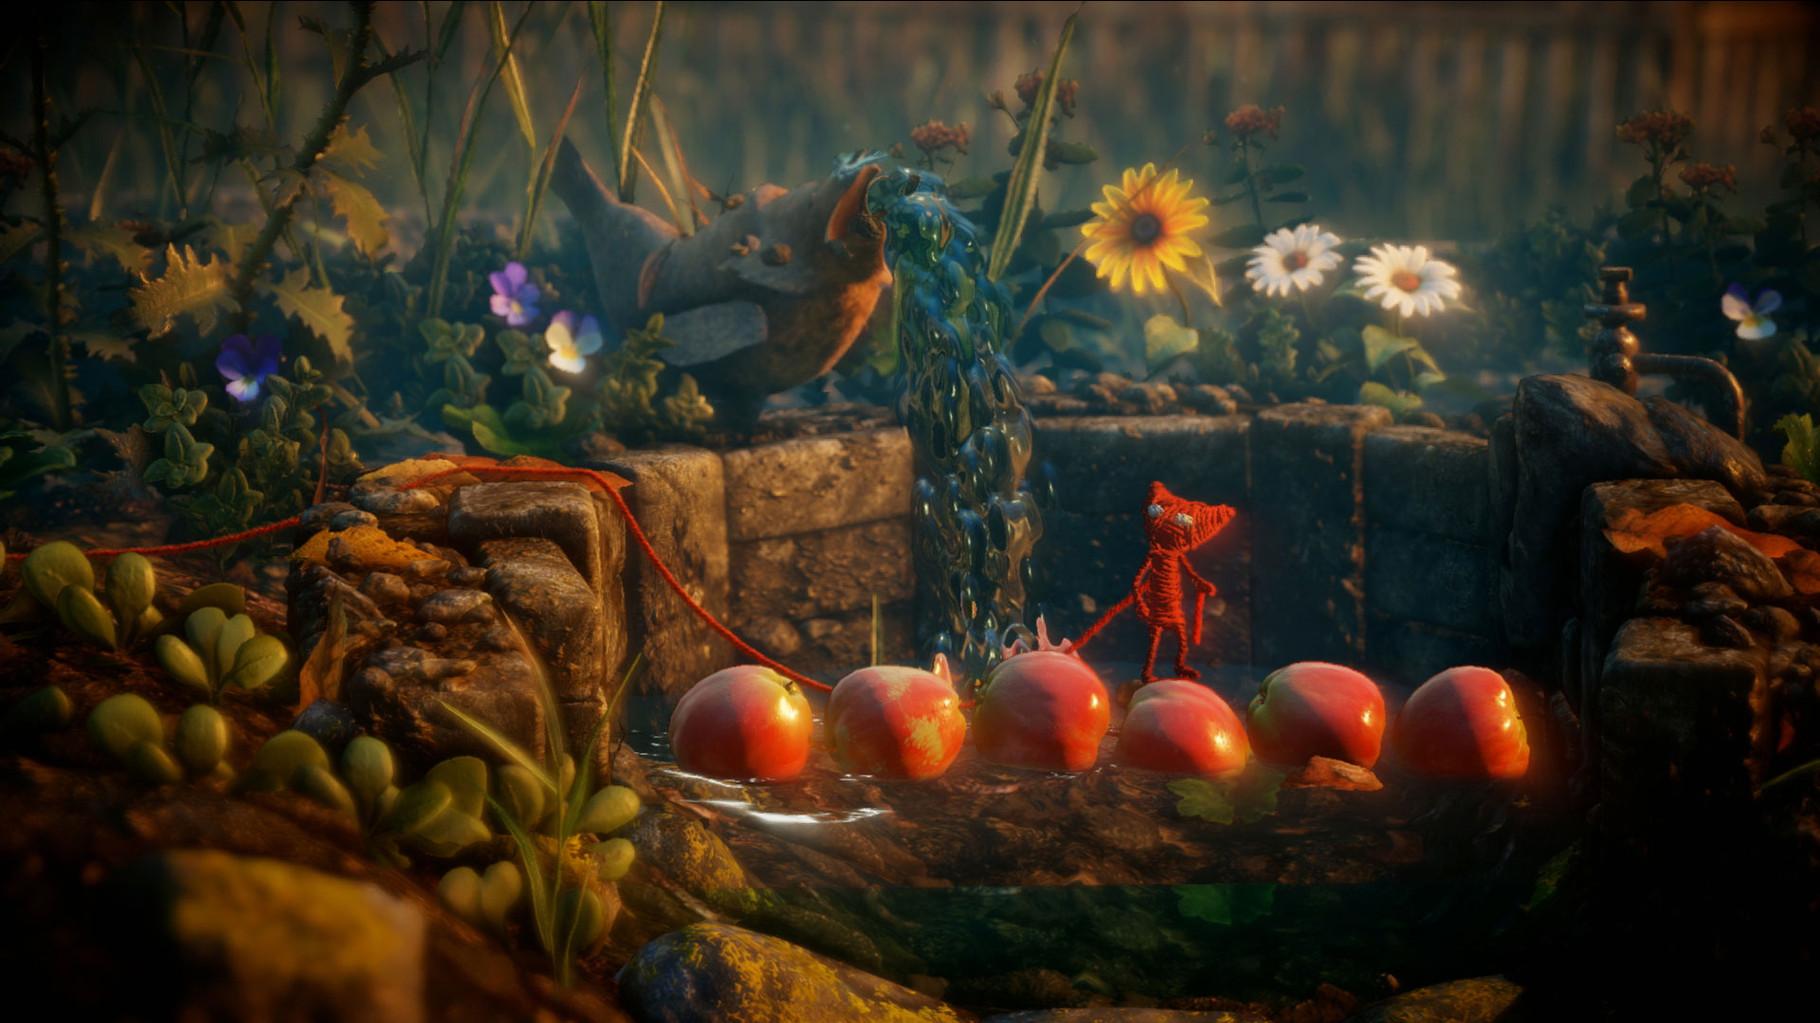 Unravel: Wer auf kunstvolle Jump'n'Run-Projekte fliegt, der könnte sich in EA's Hupf-Projekt regelrecht verlieben: Ein Garn-Männlein geht auf große Reise und zieht dabei buchstäblich einen roten Faden durch die Level-Struktur. Imposant und anrührend!